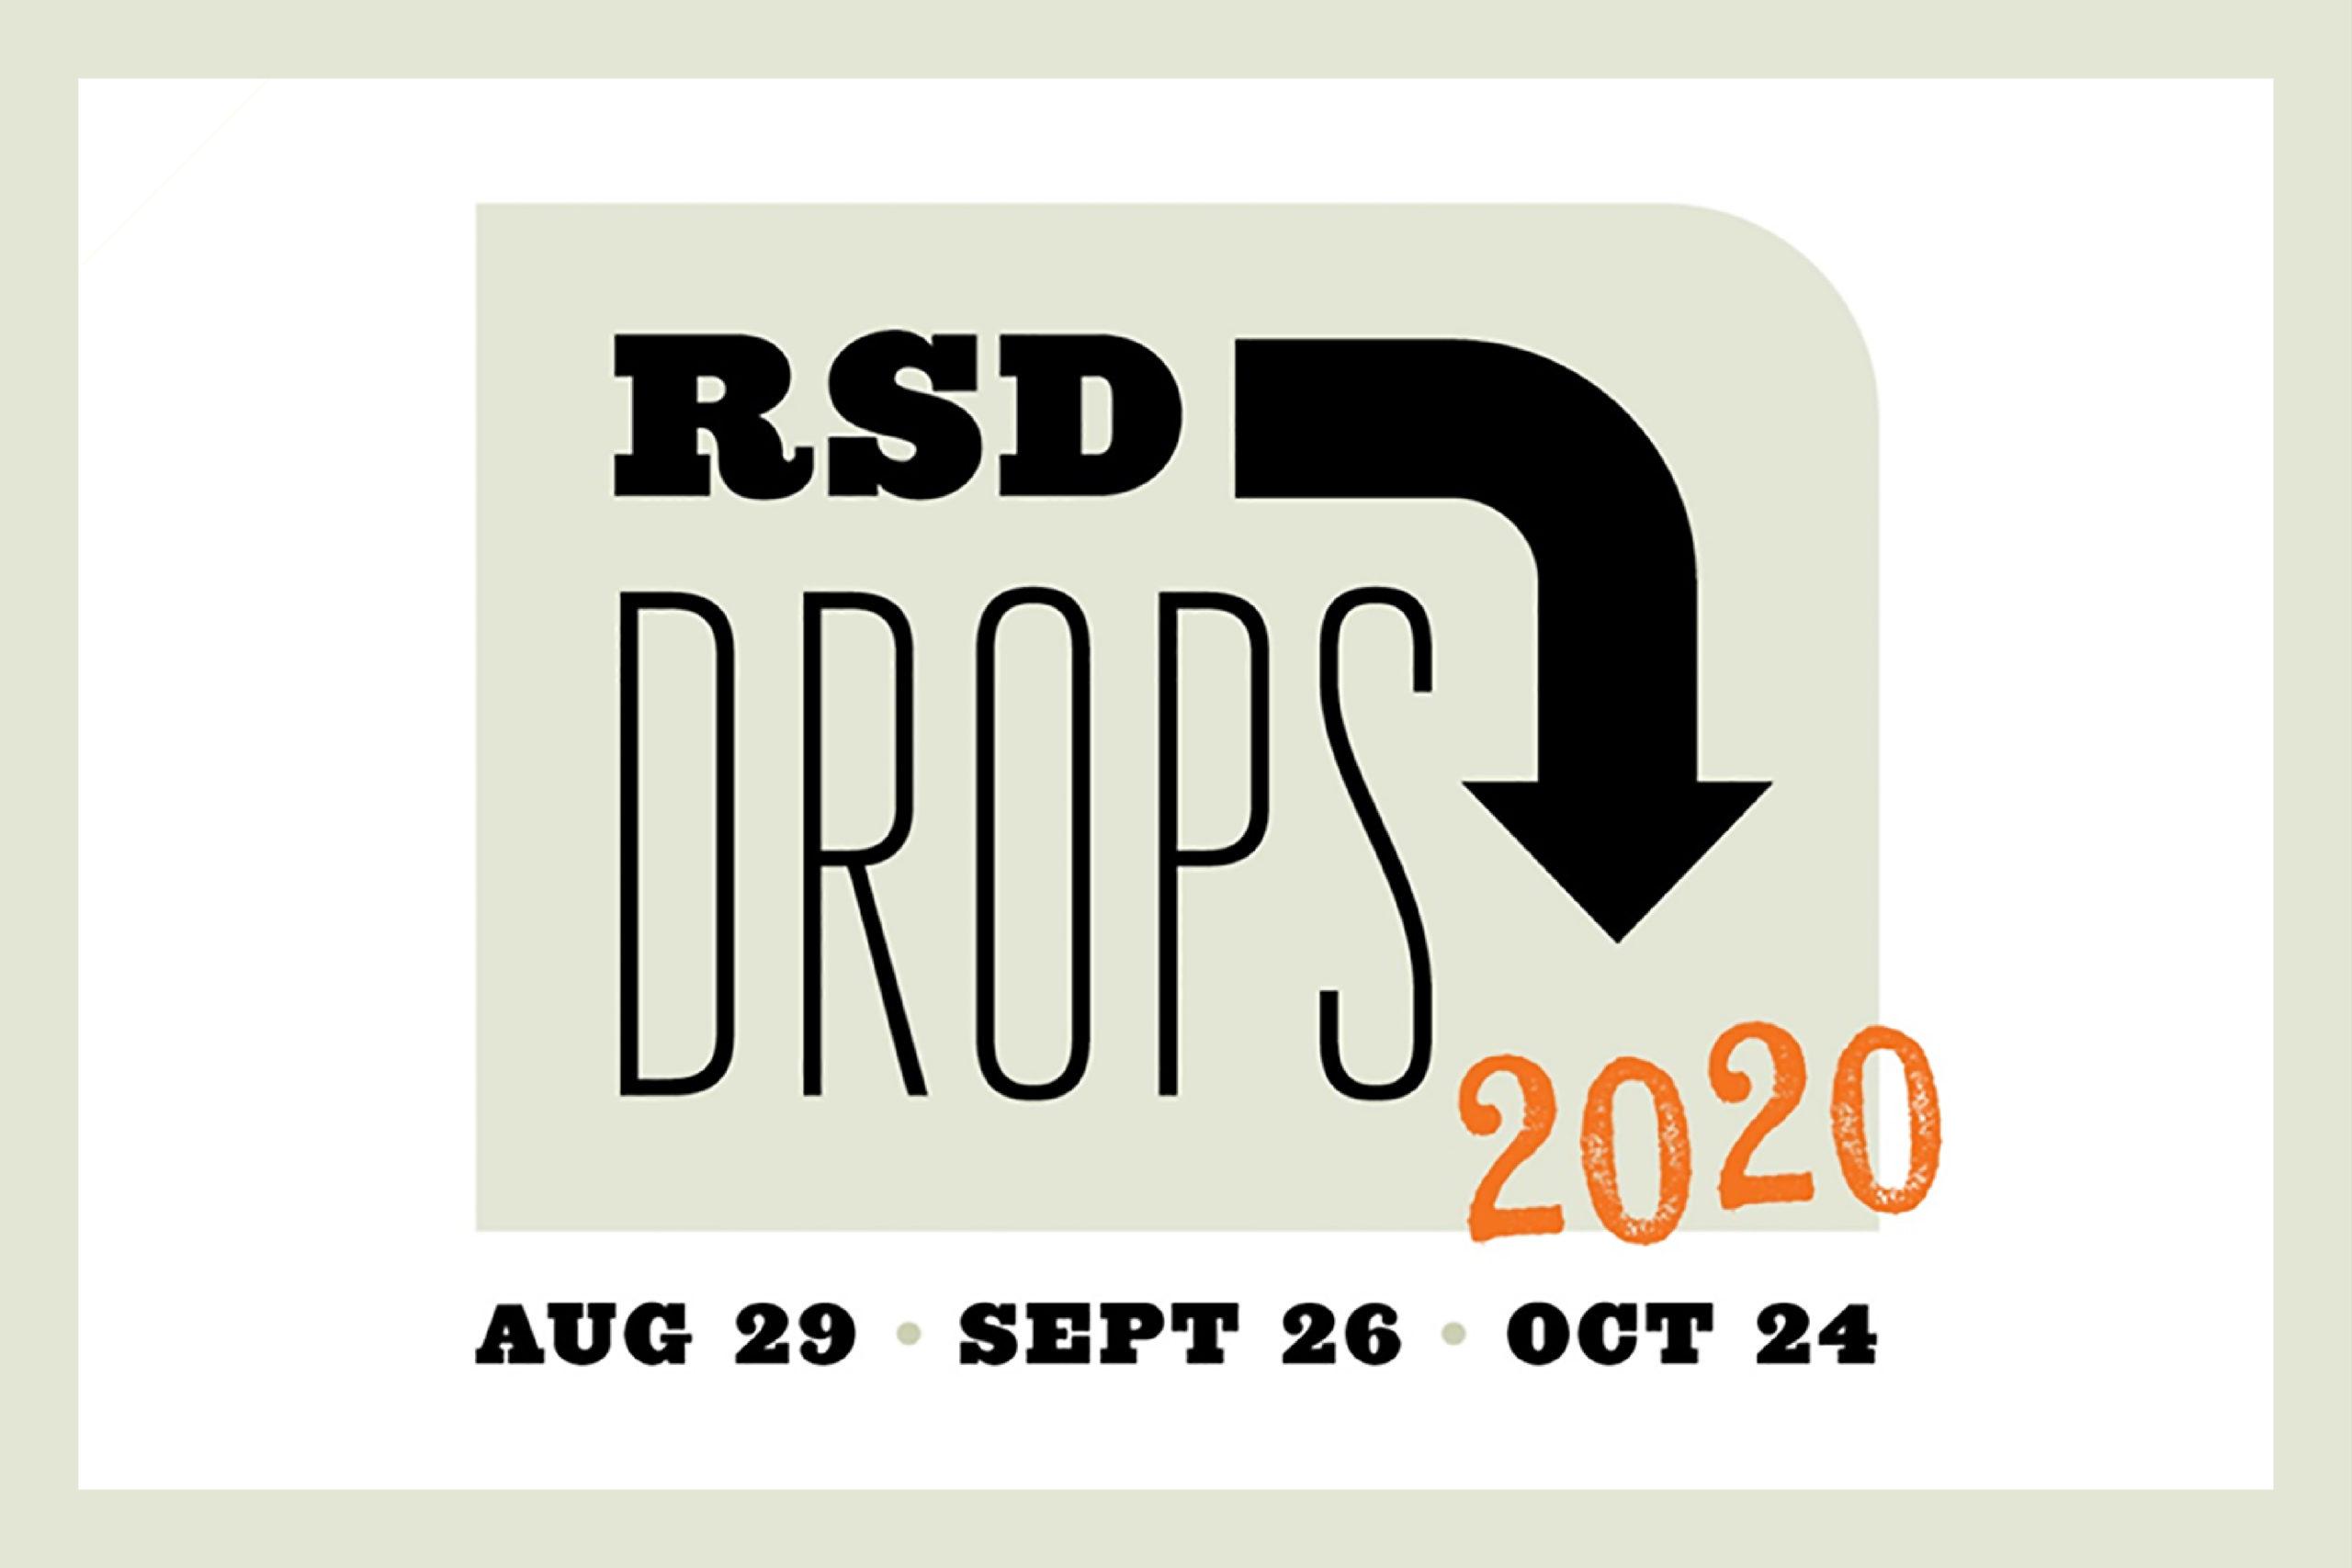 「【RSD Drops 2020】RECORD STORE DAYが8〜10月に分散開催。アナログレコードデビューにも!」のアイキャッチ画像